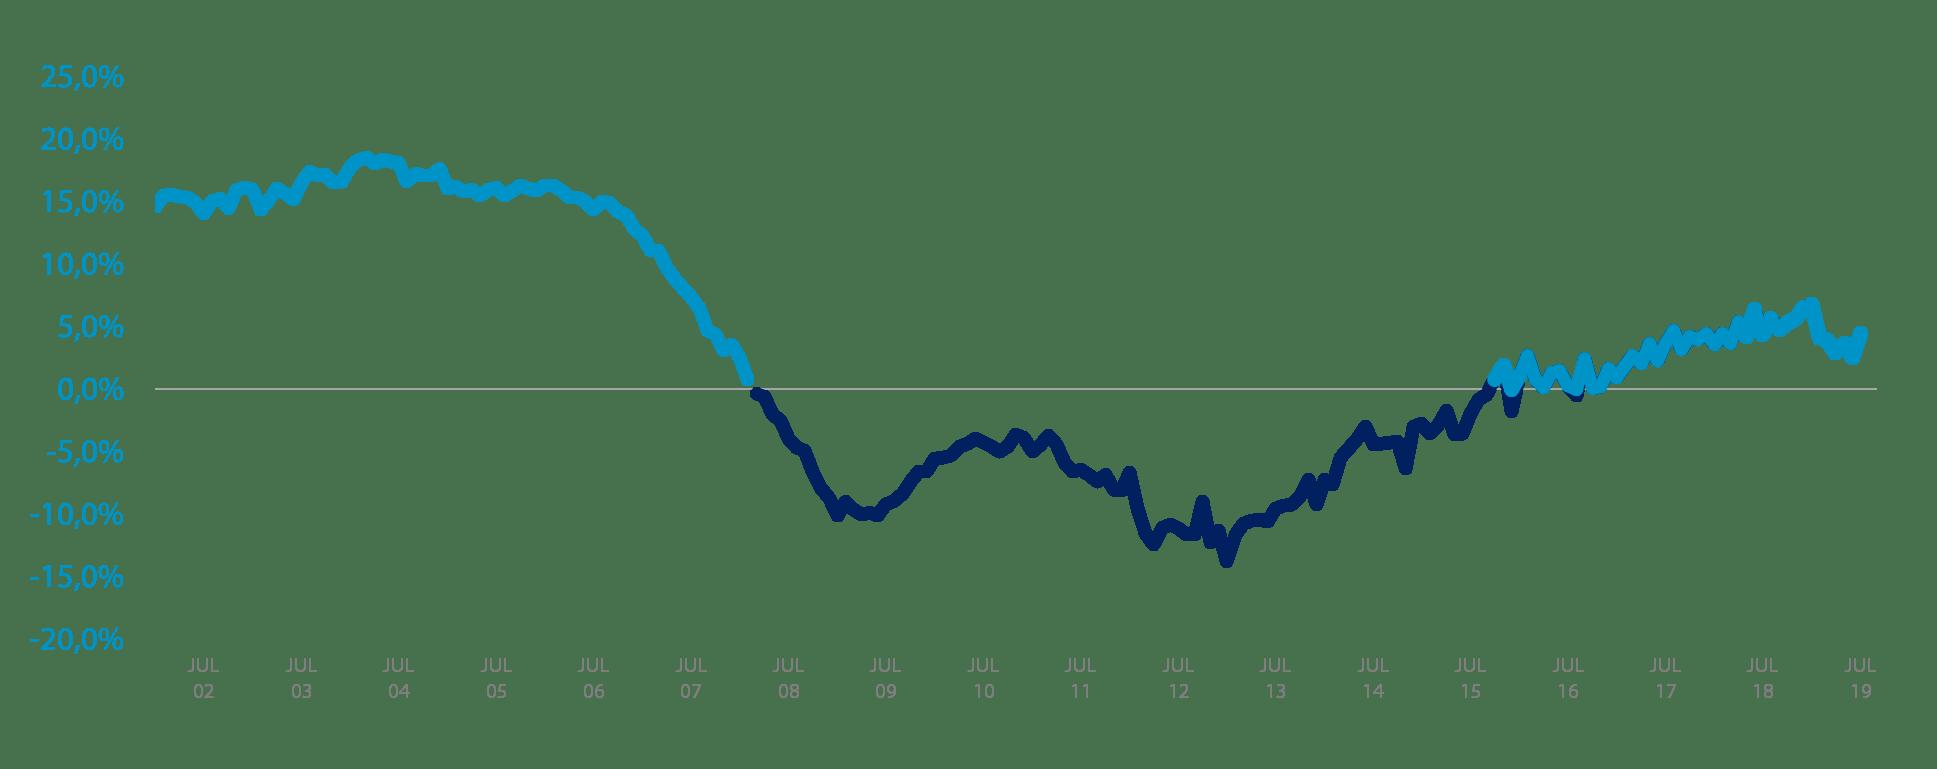 variación interlineal IMIE julio 2019